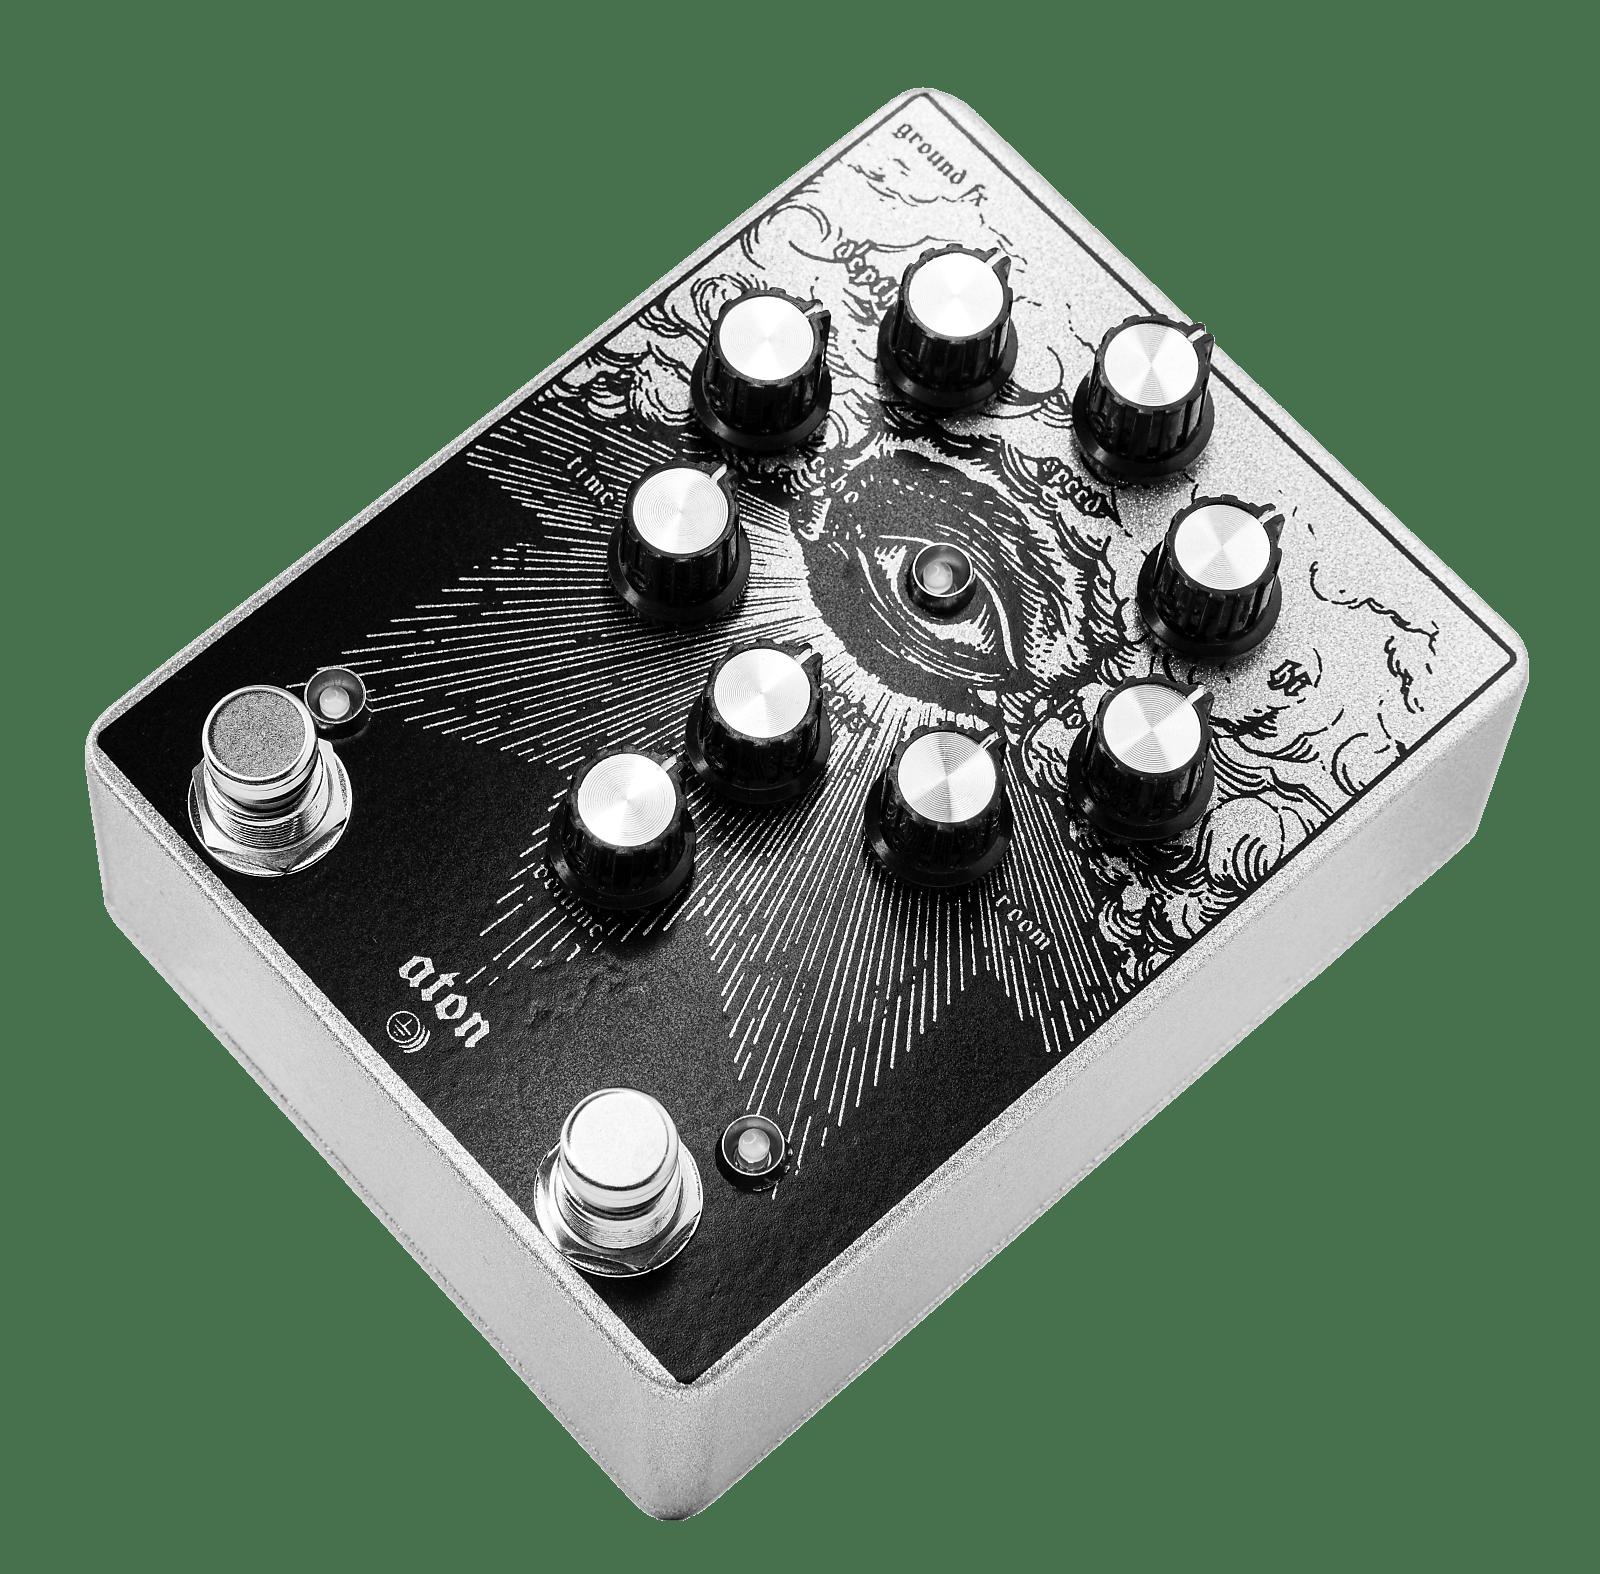 Ground FX - Aton - Echo & Reverb